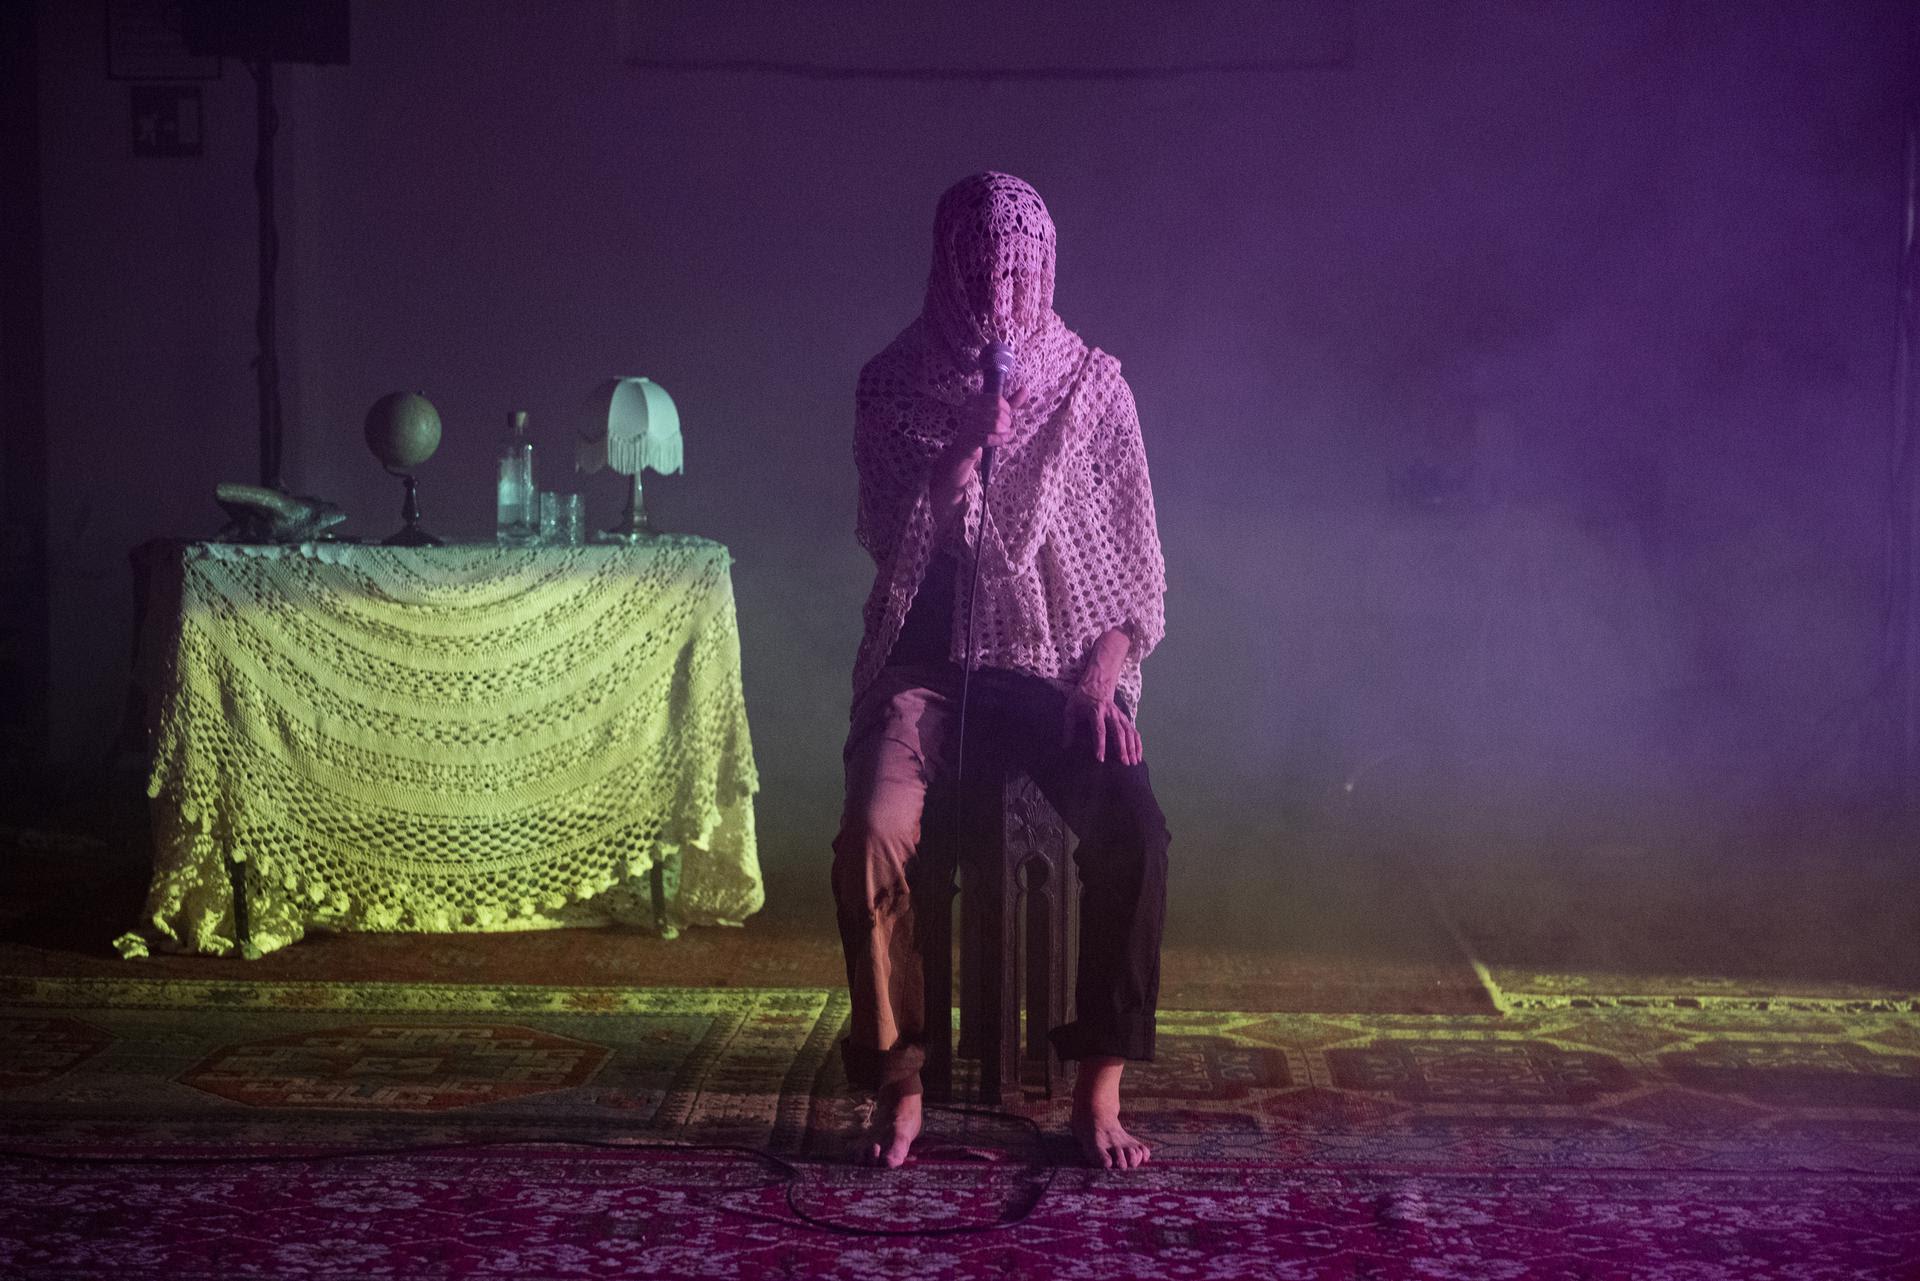 FUTURO FANTASTICO, il Festival mutaforme di meduse, cyborg e specie compagne